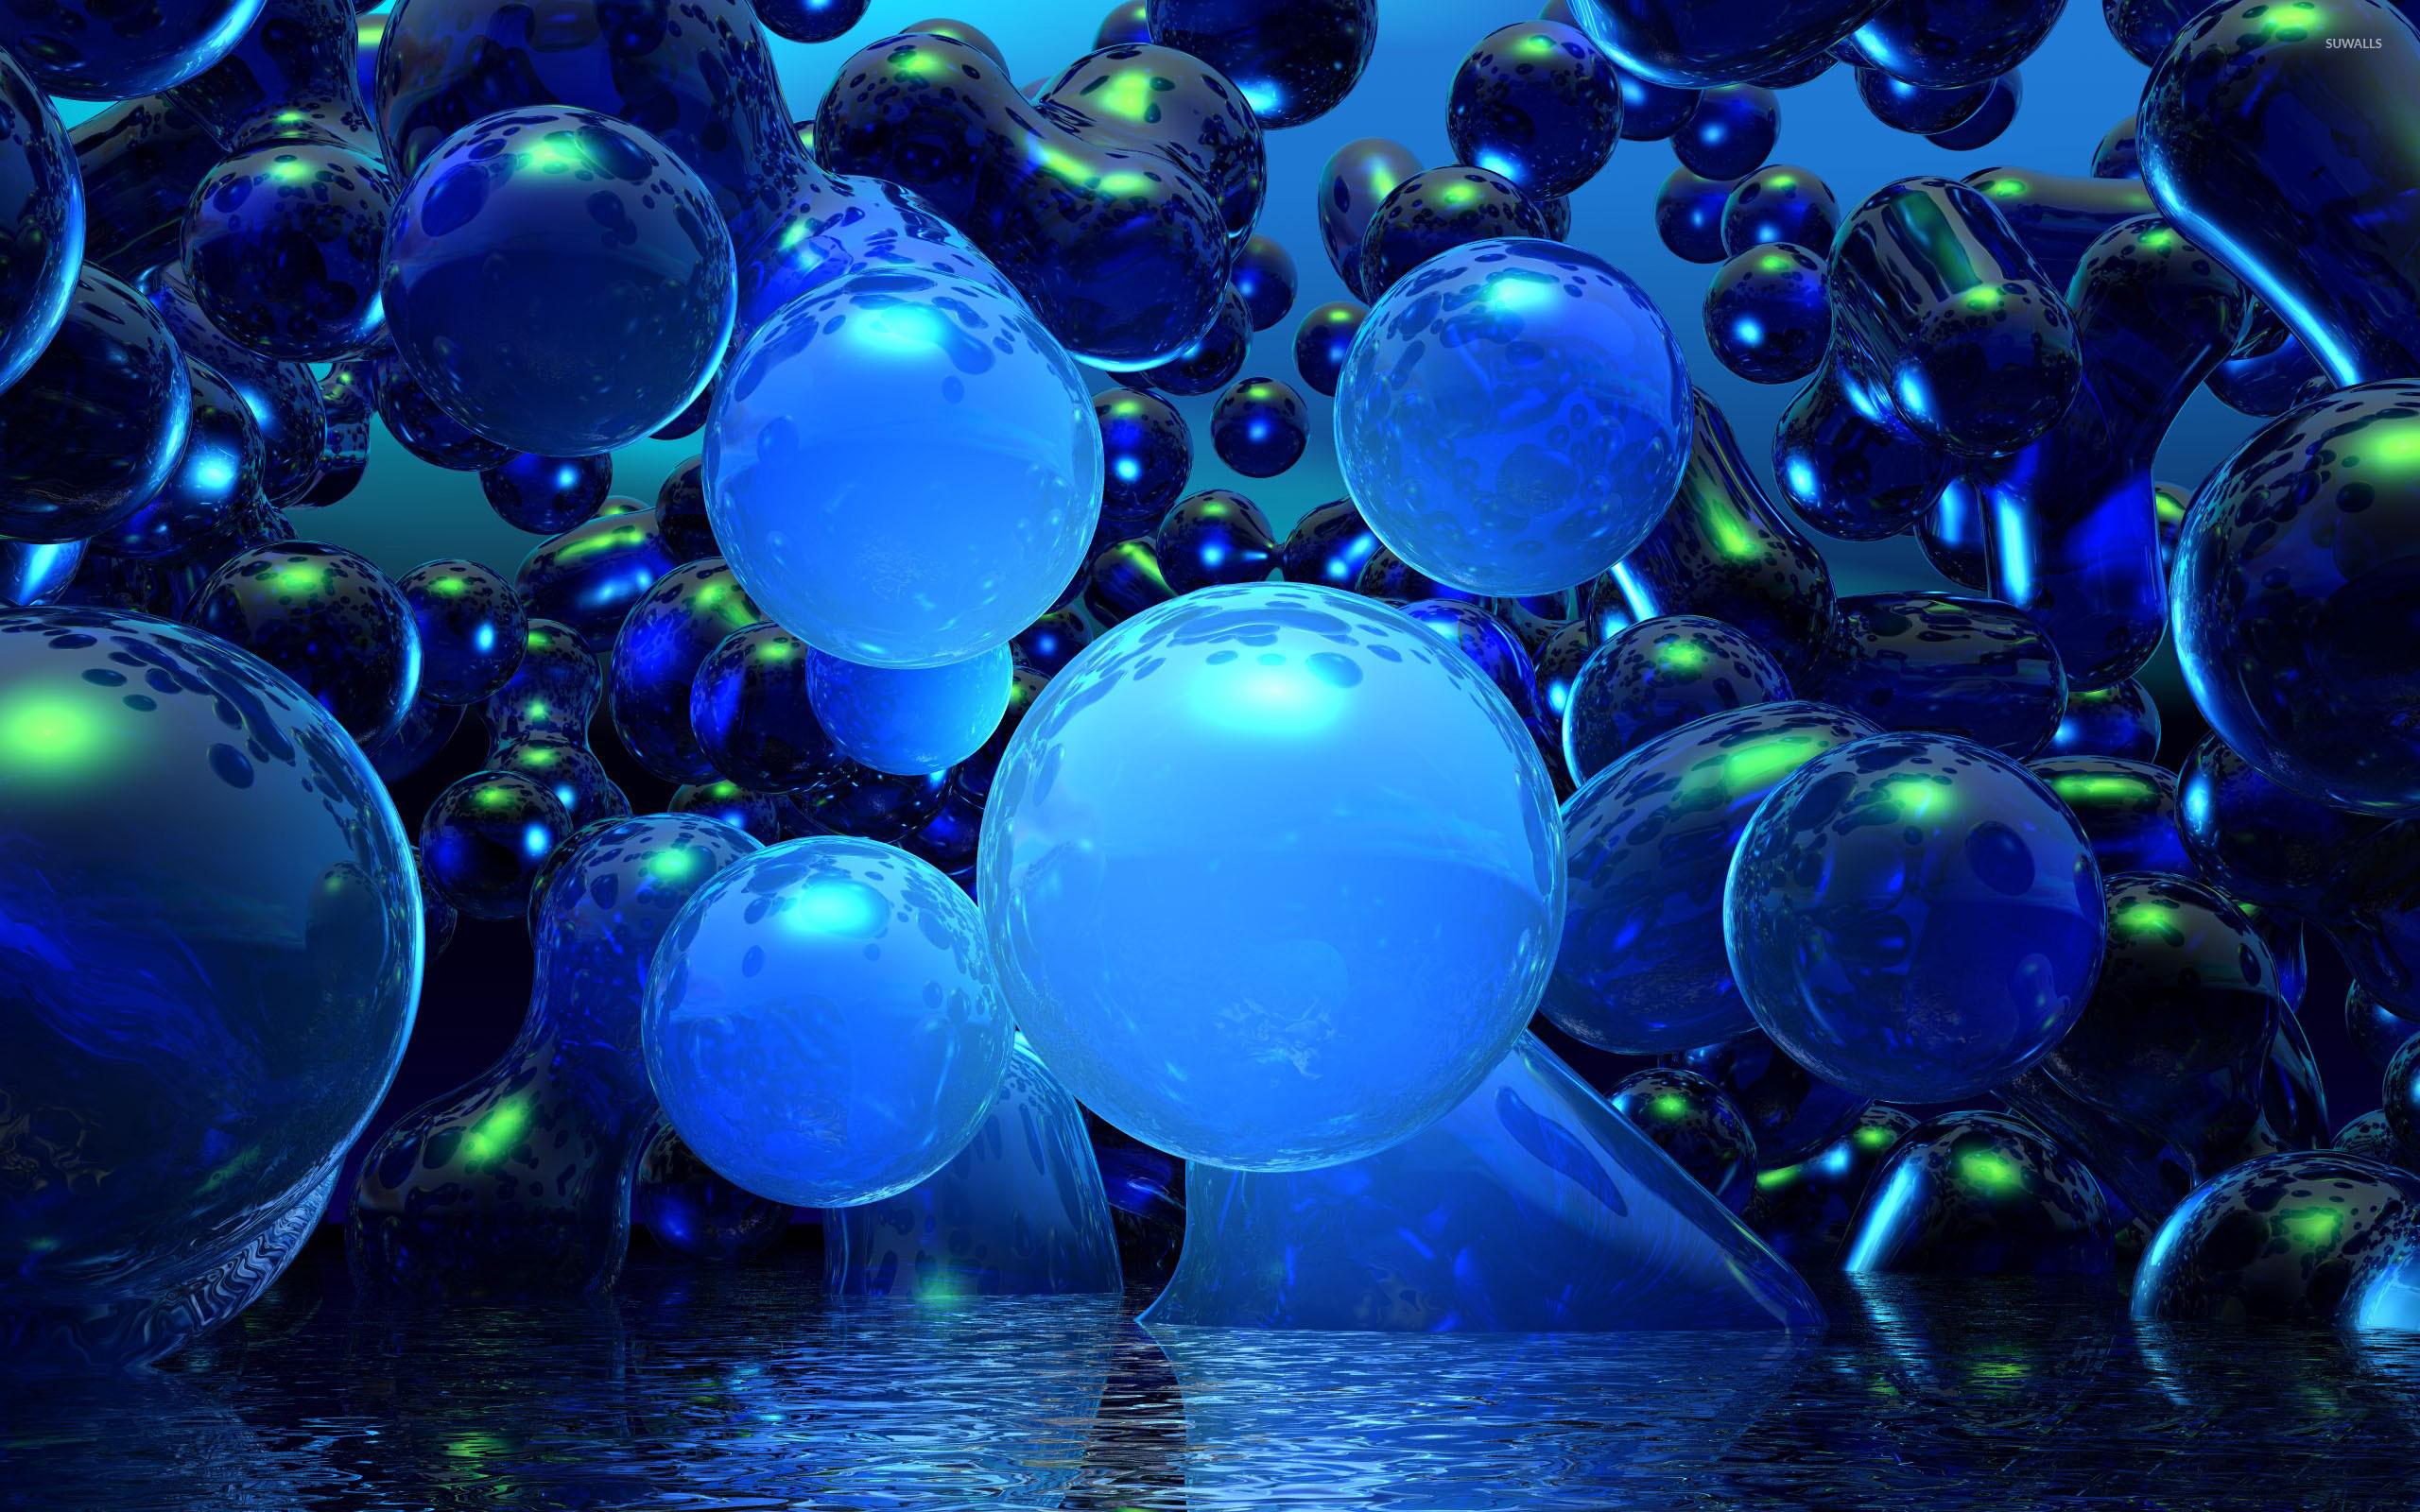 Bubbles wallpaper   3D wallpapers   11023 2560x1600